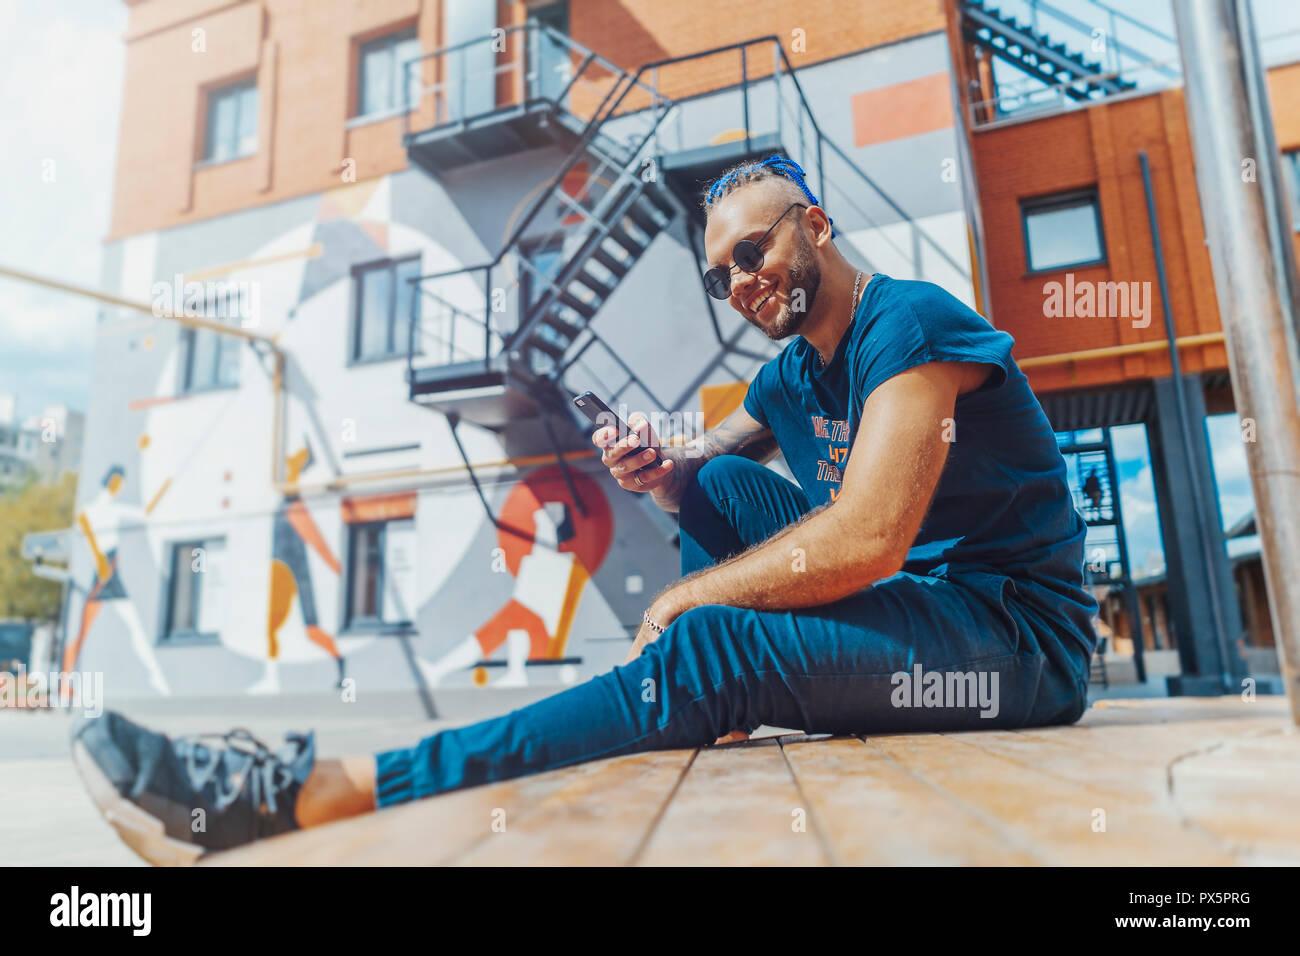 Jungen attraktiven Mann mit blauen Dreadlocks auf Handy Bildschirm schaut. Stockbild